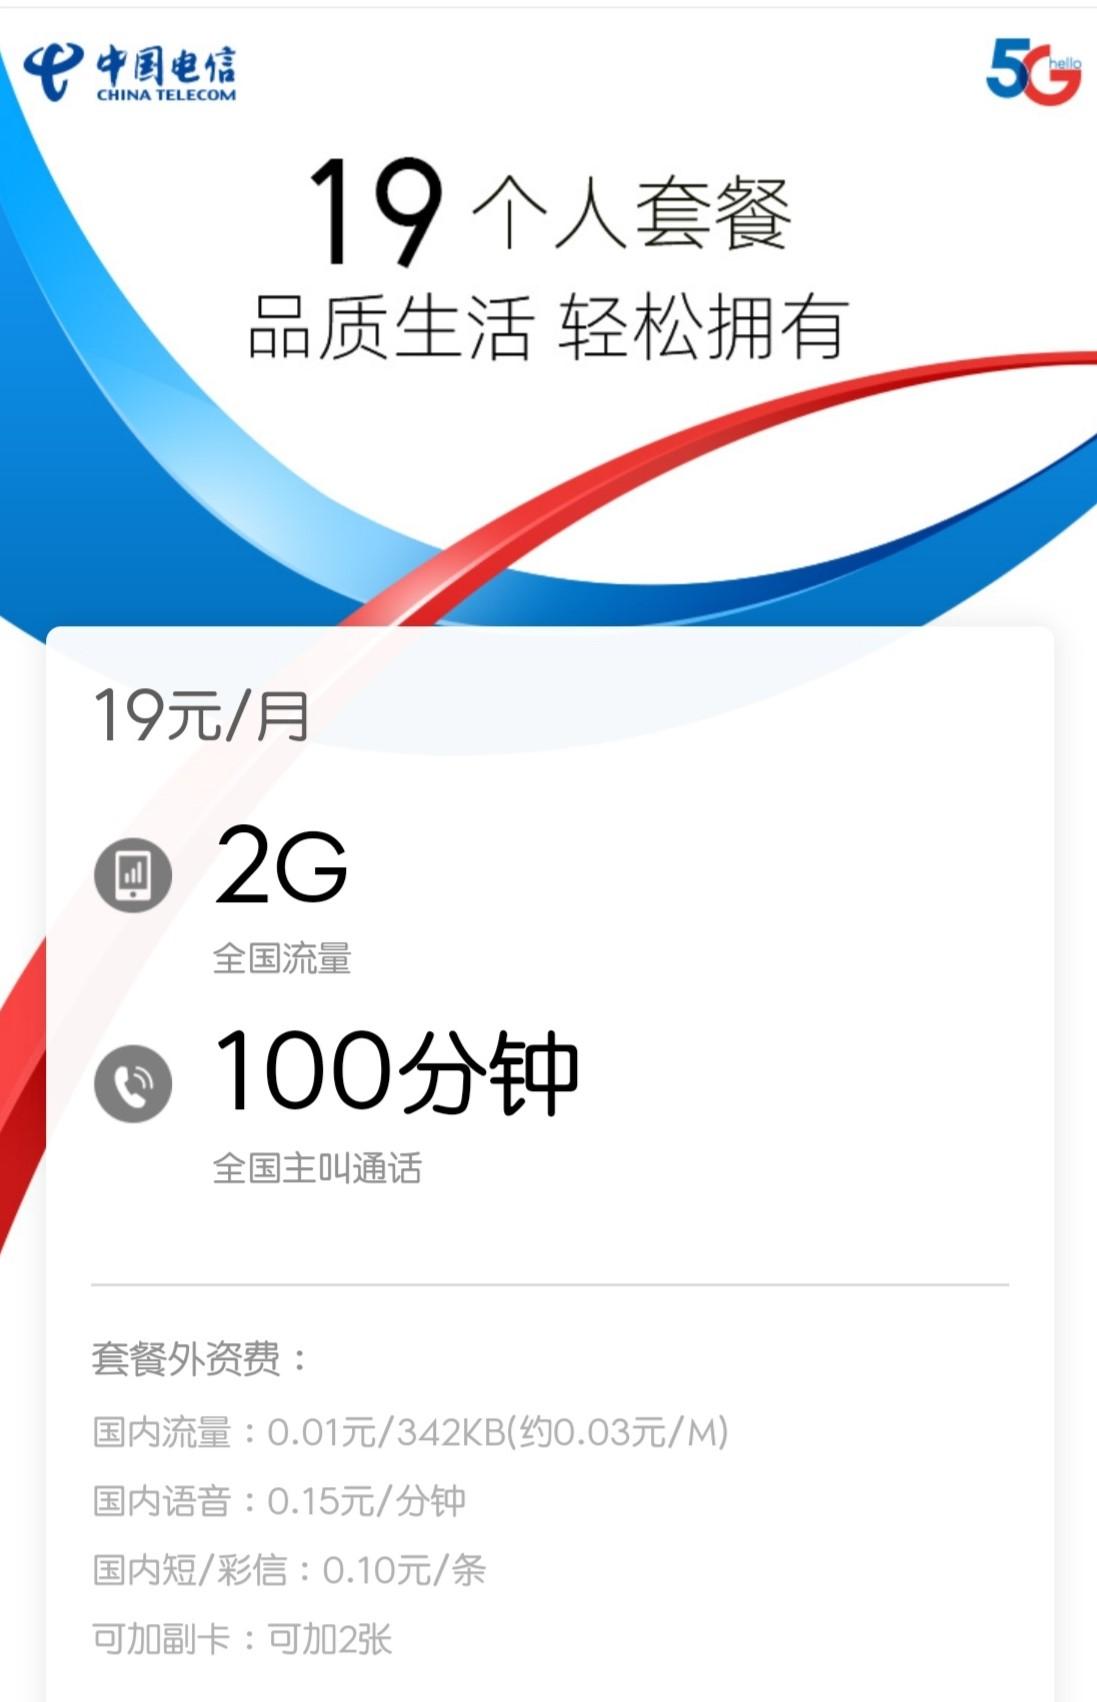 #四川移动2019新版畅享19元个人套餐#2GB全国流量+100分钟